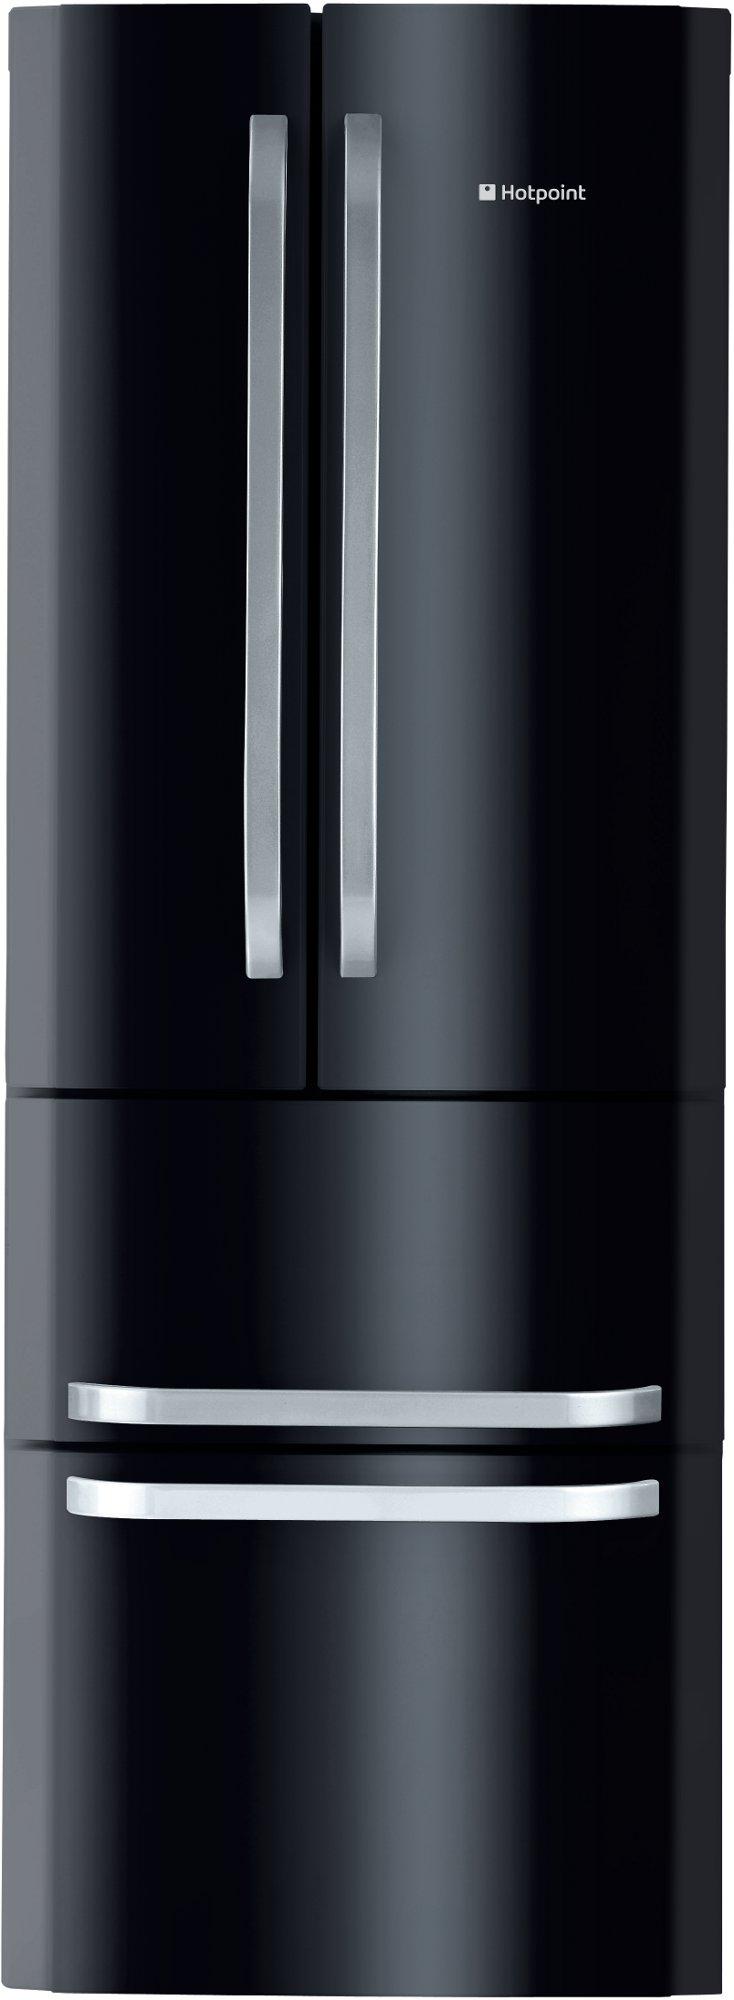 R frig rateur cong lateur froid ventil noir appareils - Froid ventile ou brasse ...